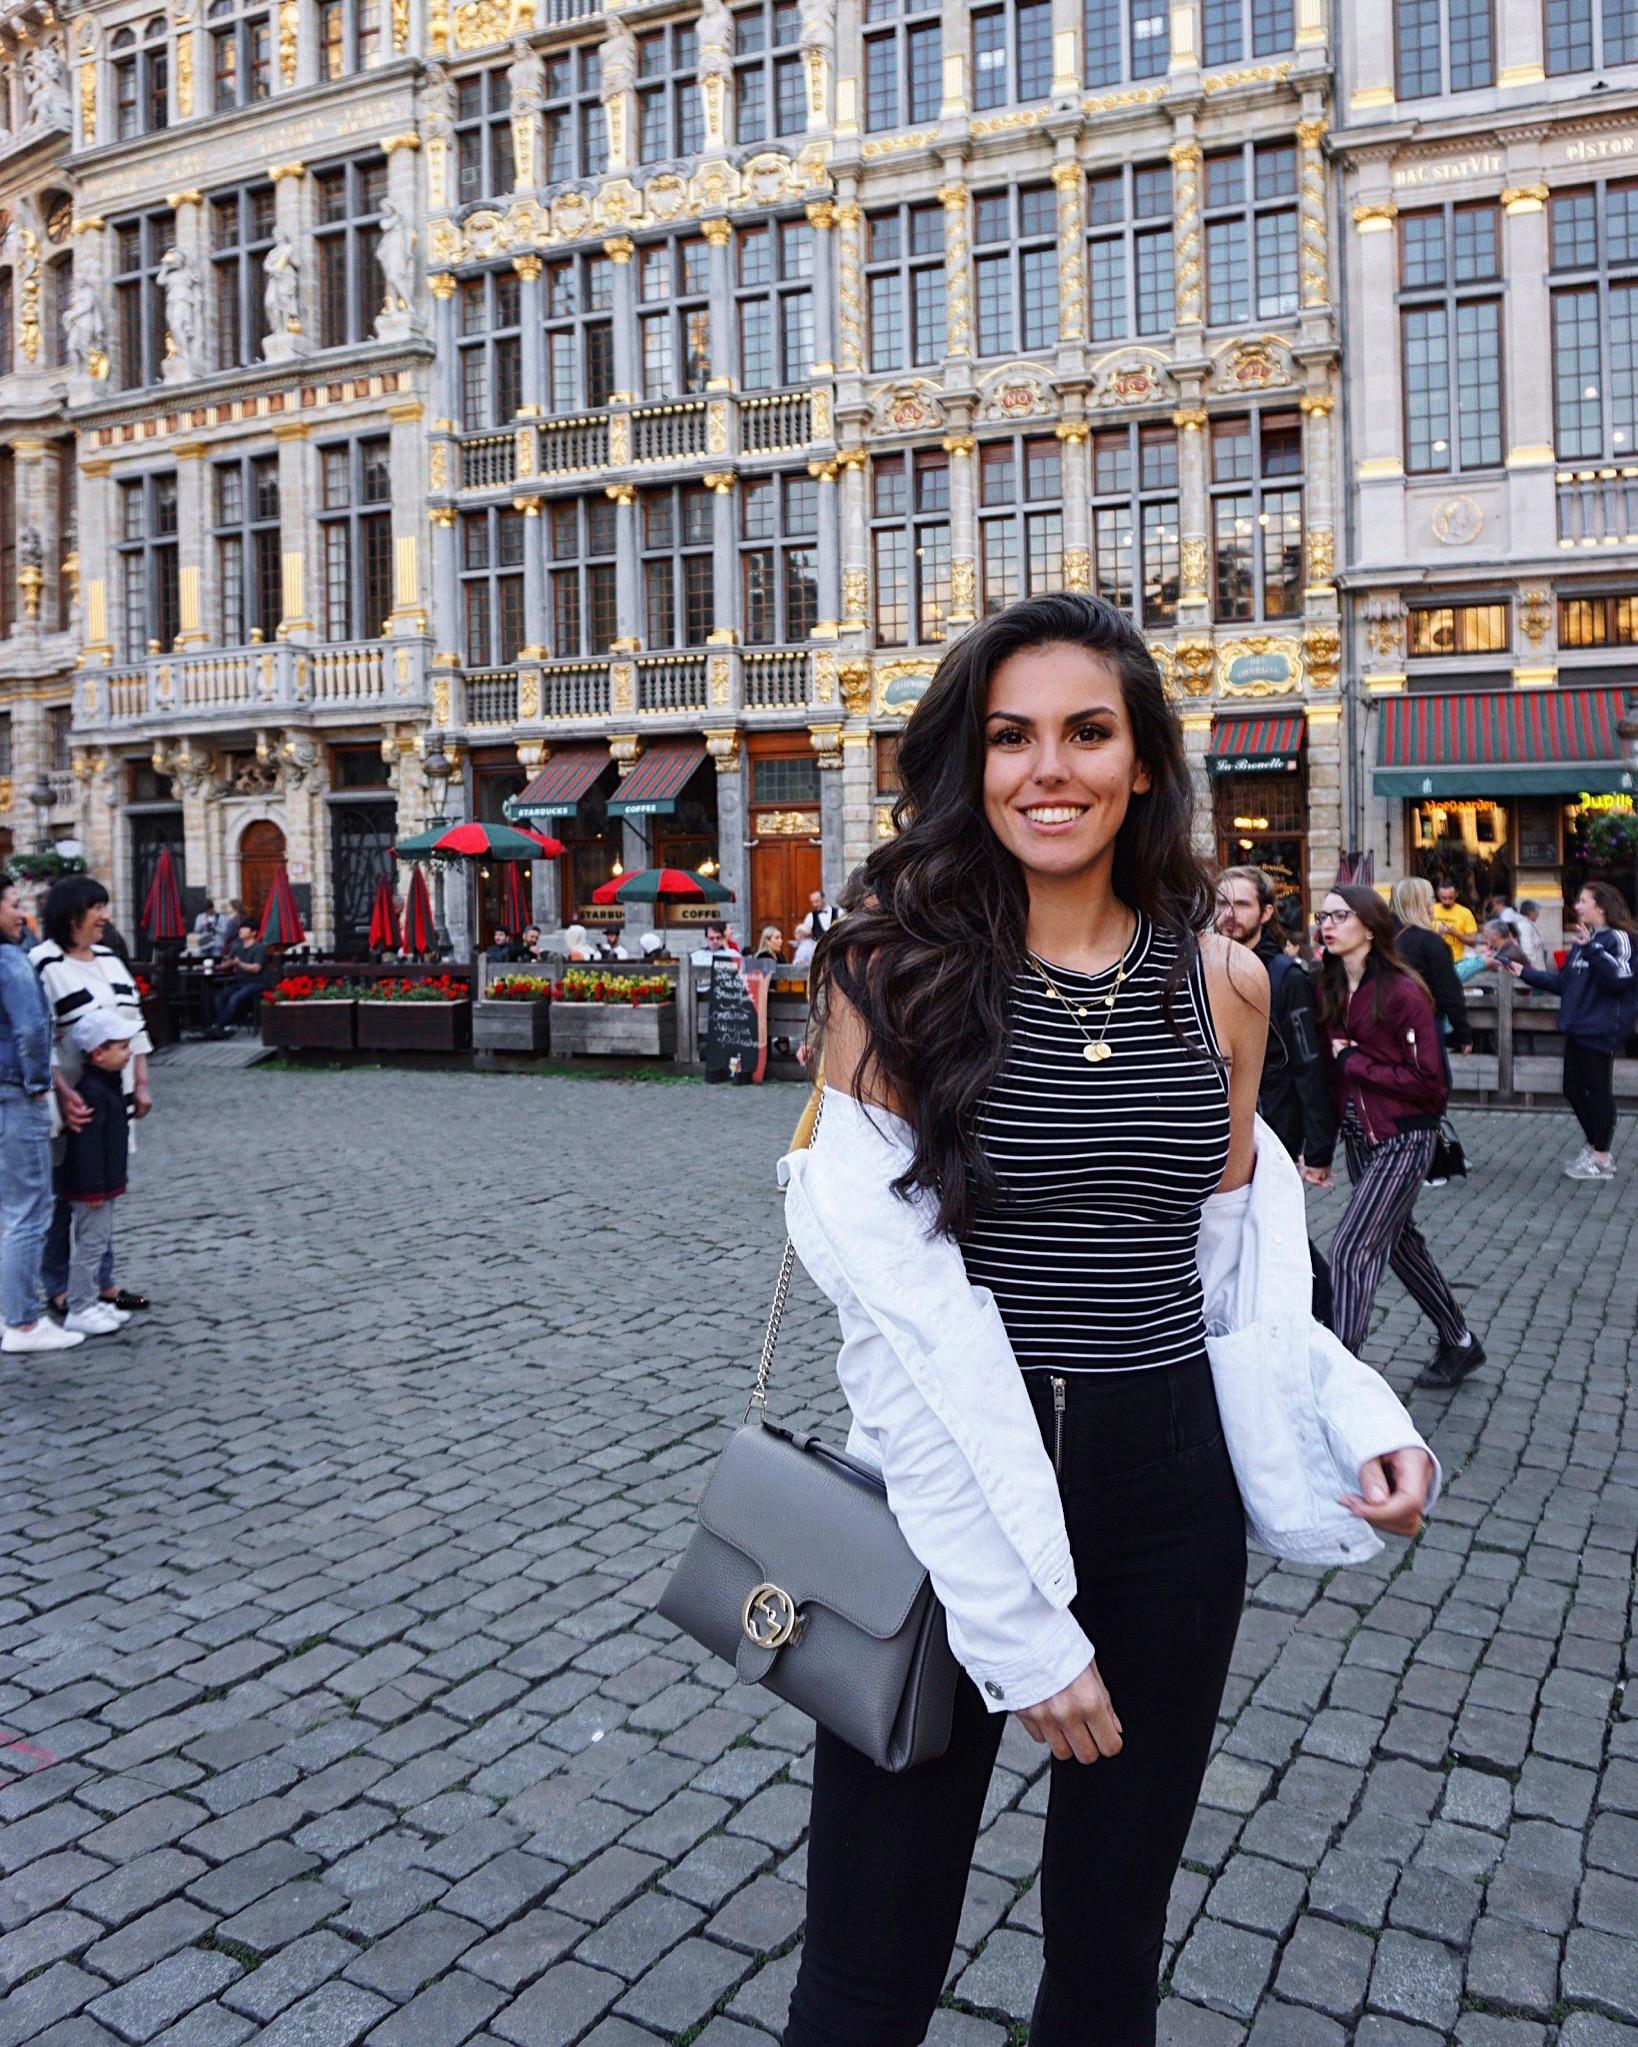 Brüssel Grand place